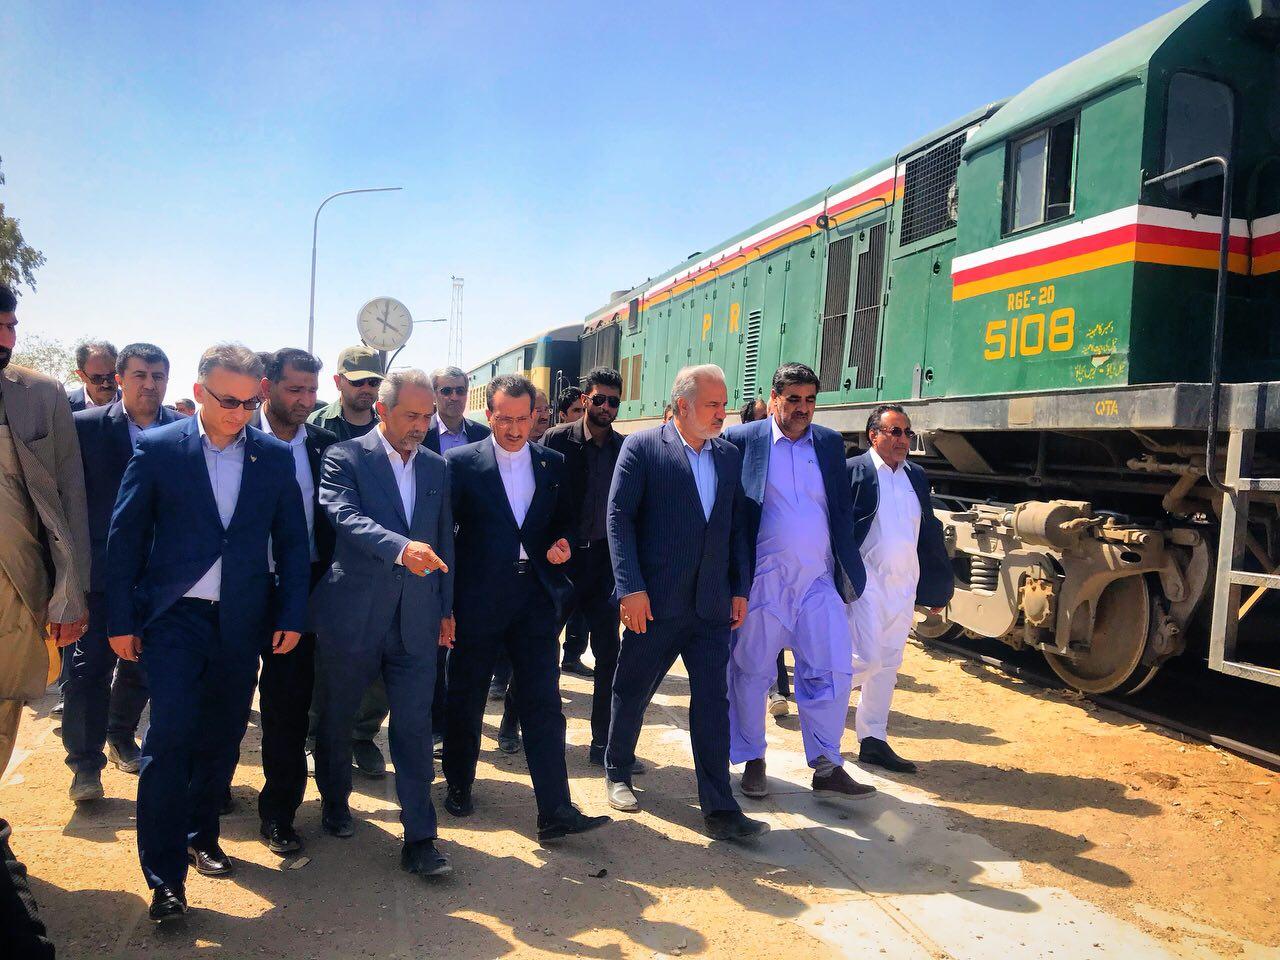 بازدید مدیرعامل راه آهن بهمراه معاون اقتصادی رئیس جمهوری از ایستگاه راه آهن مرزی میرجاوه